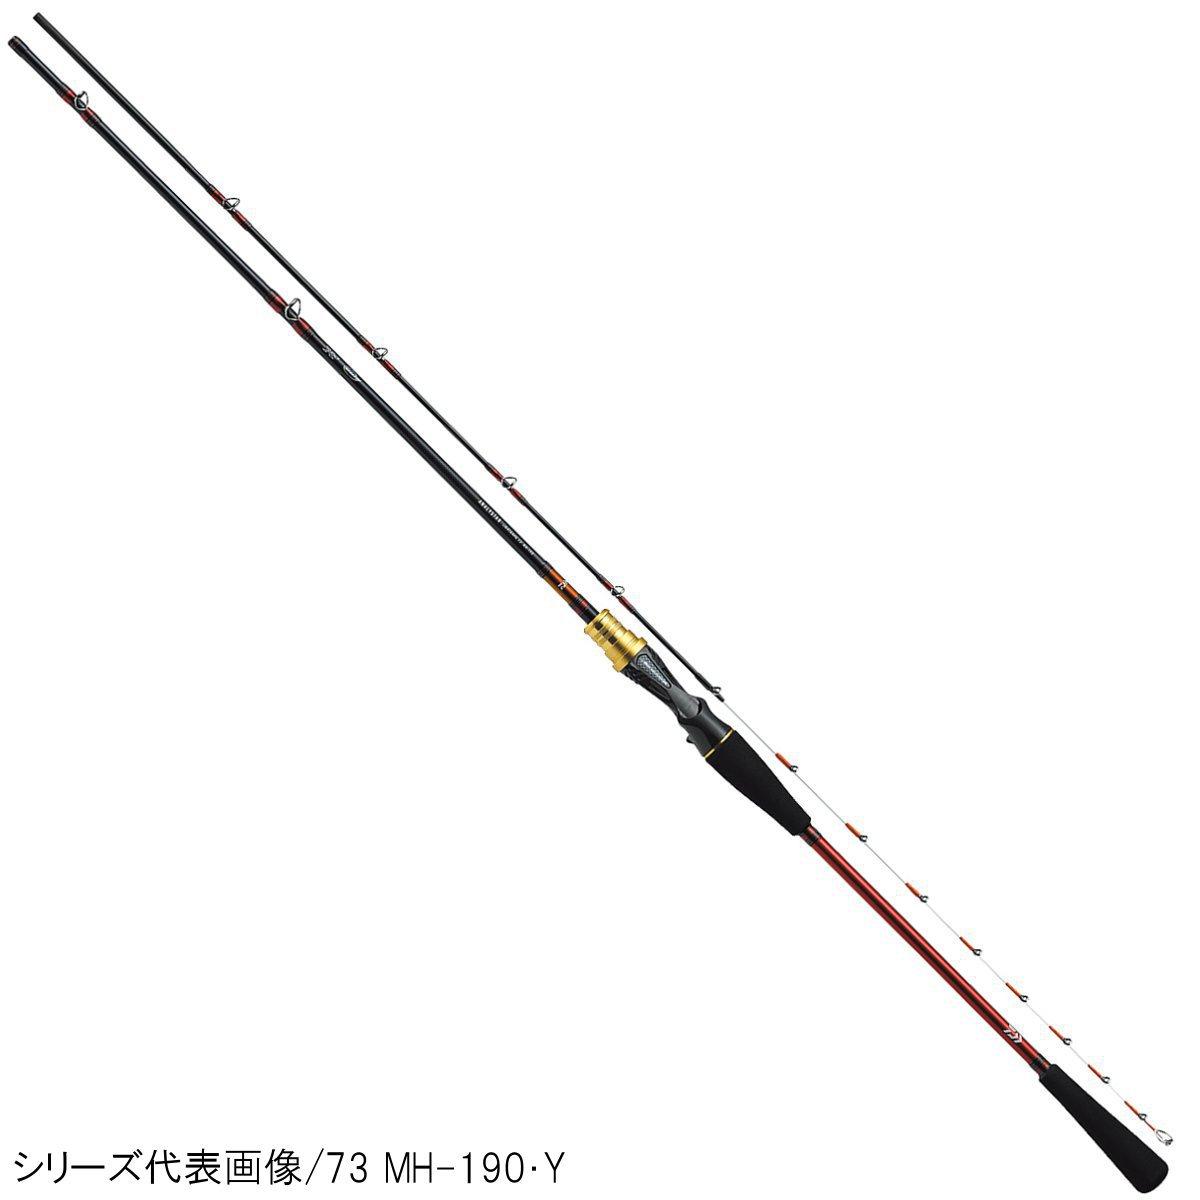 ダイワ アナリスター ライトゲーム 73 M-190・Y(東日本店)